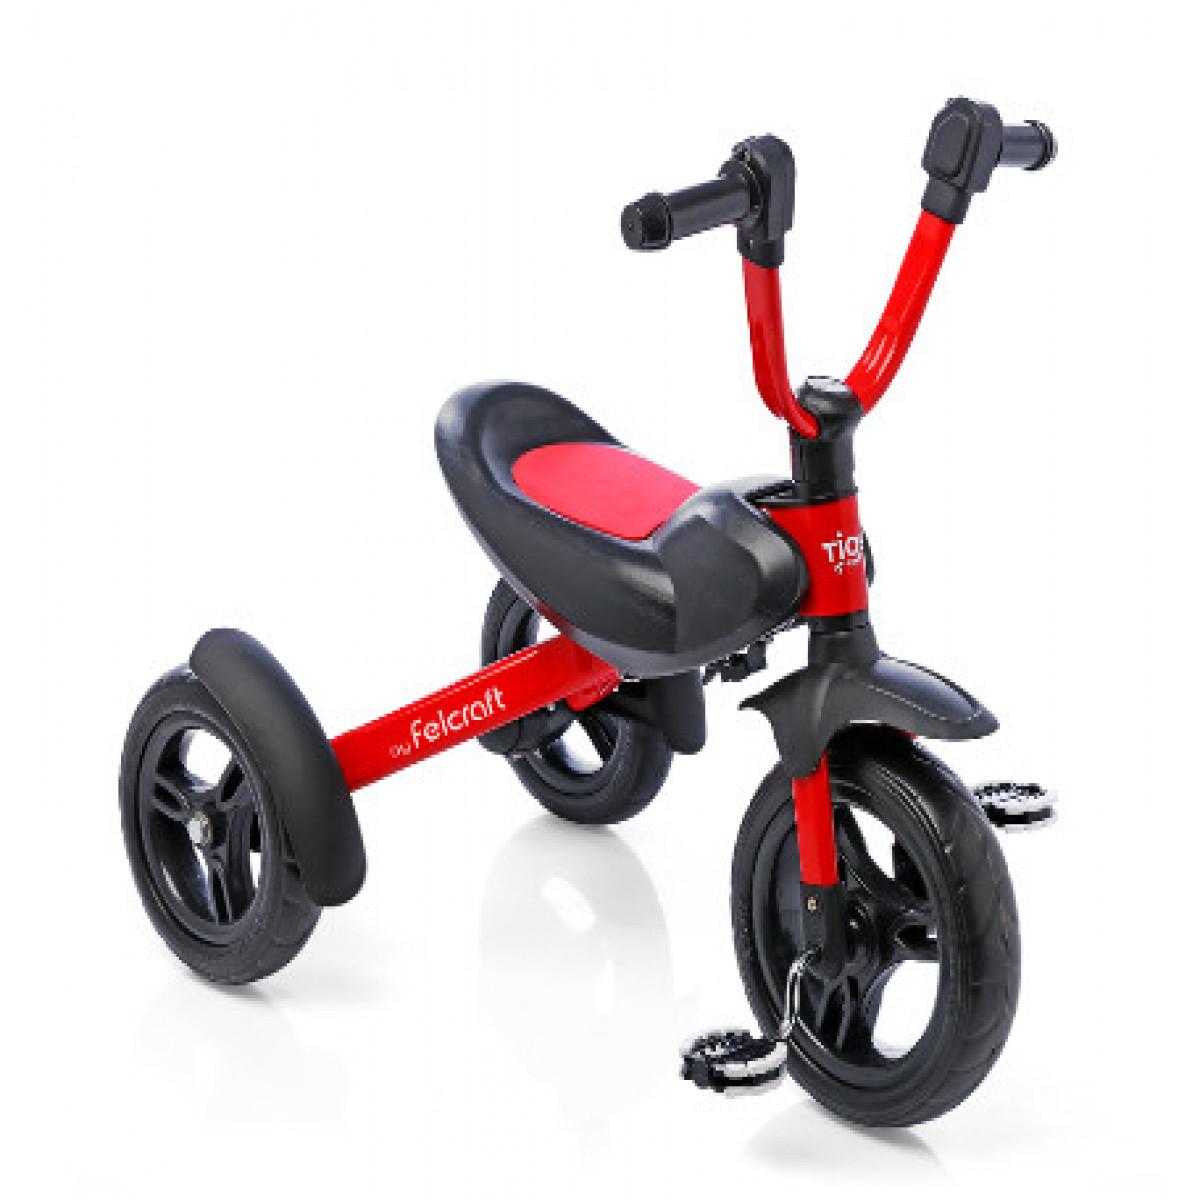 Triciclo Chopper Felcraft rojo